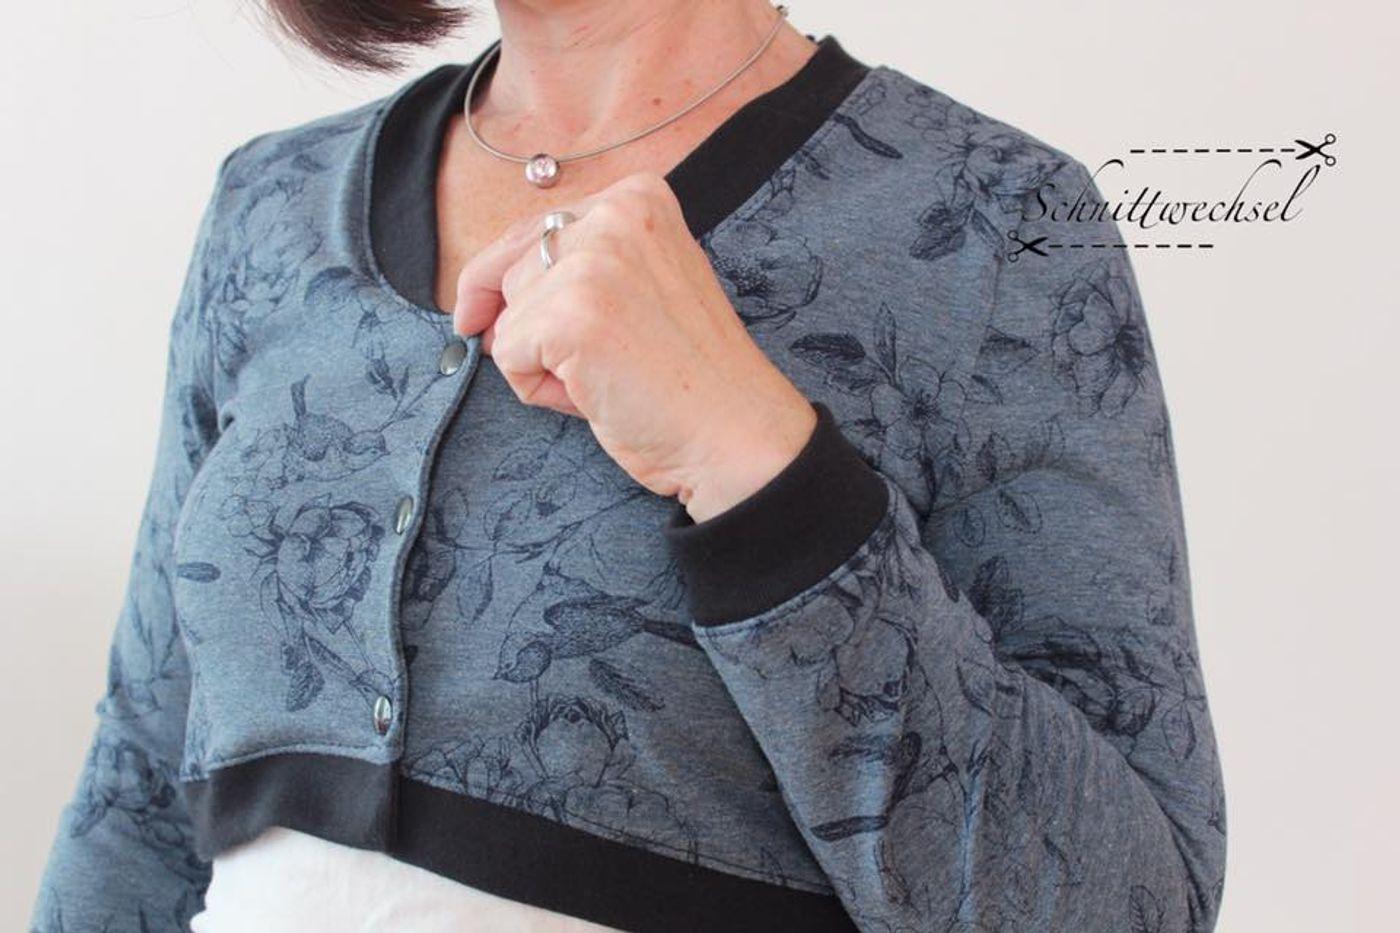 Produktfoto 6 von Katiela für Schnittmuster Ebook Boho Bolero Frauen und Mädchen